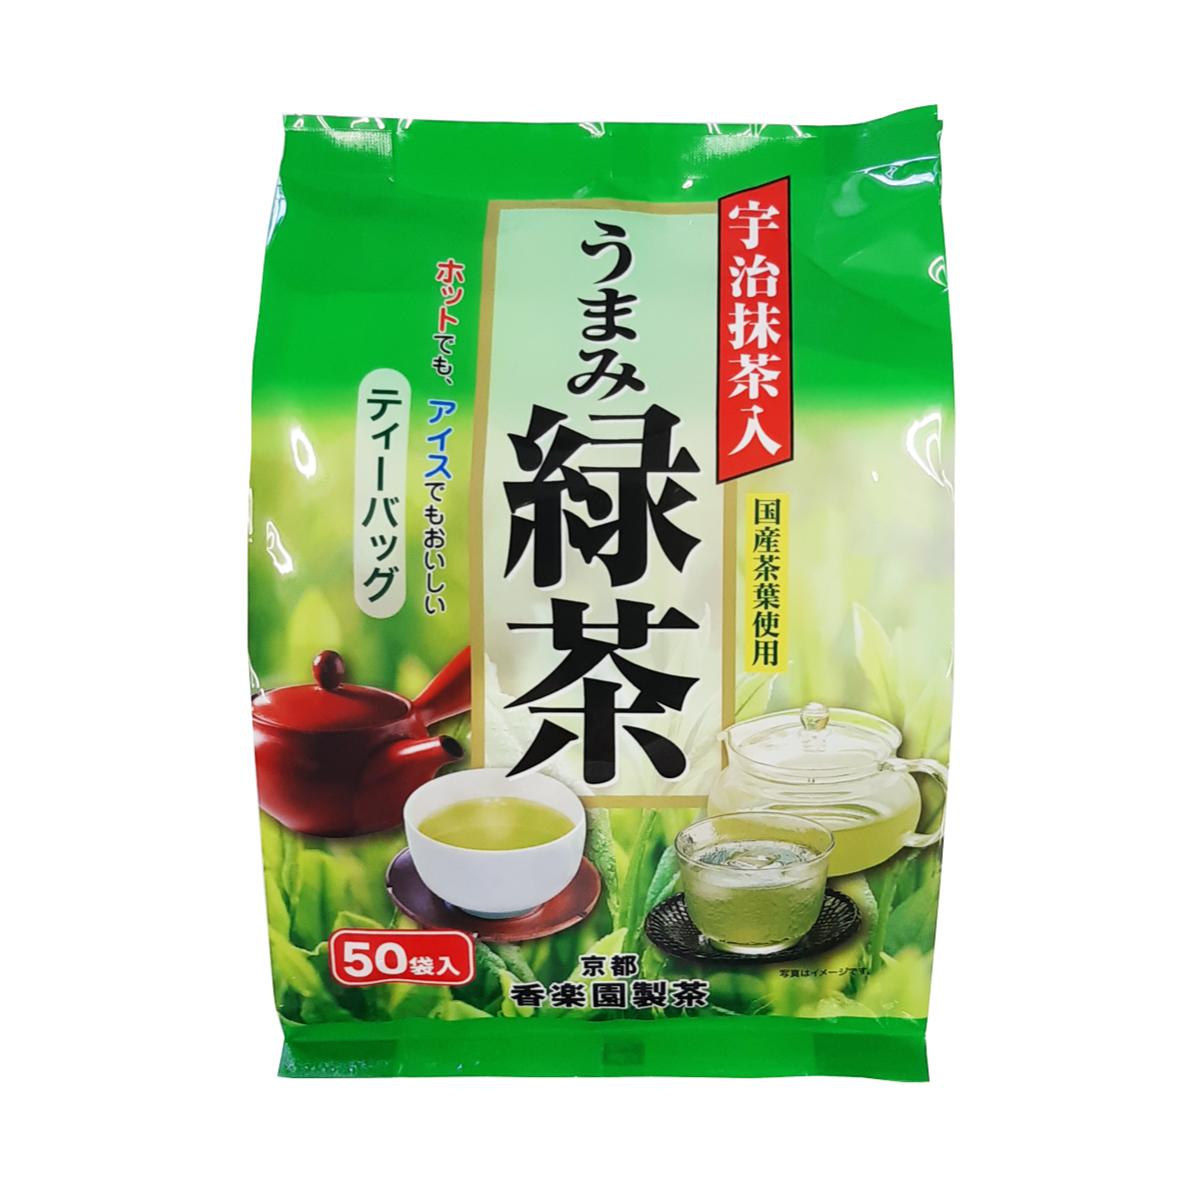 宇治抹茶入うまみ緑茶